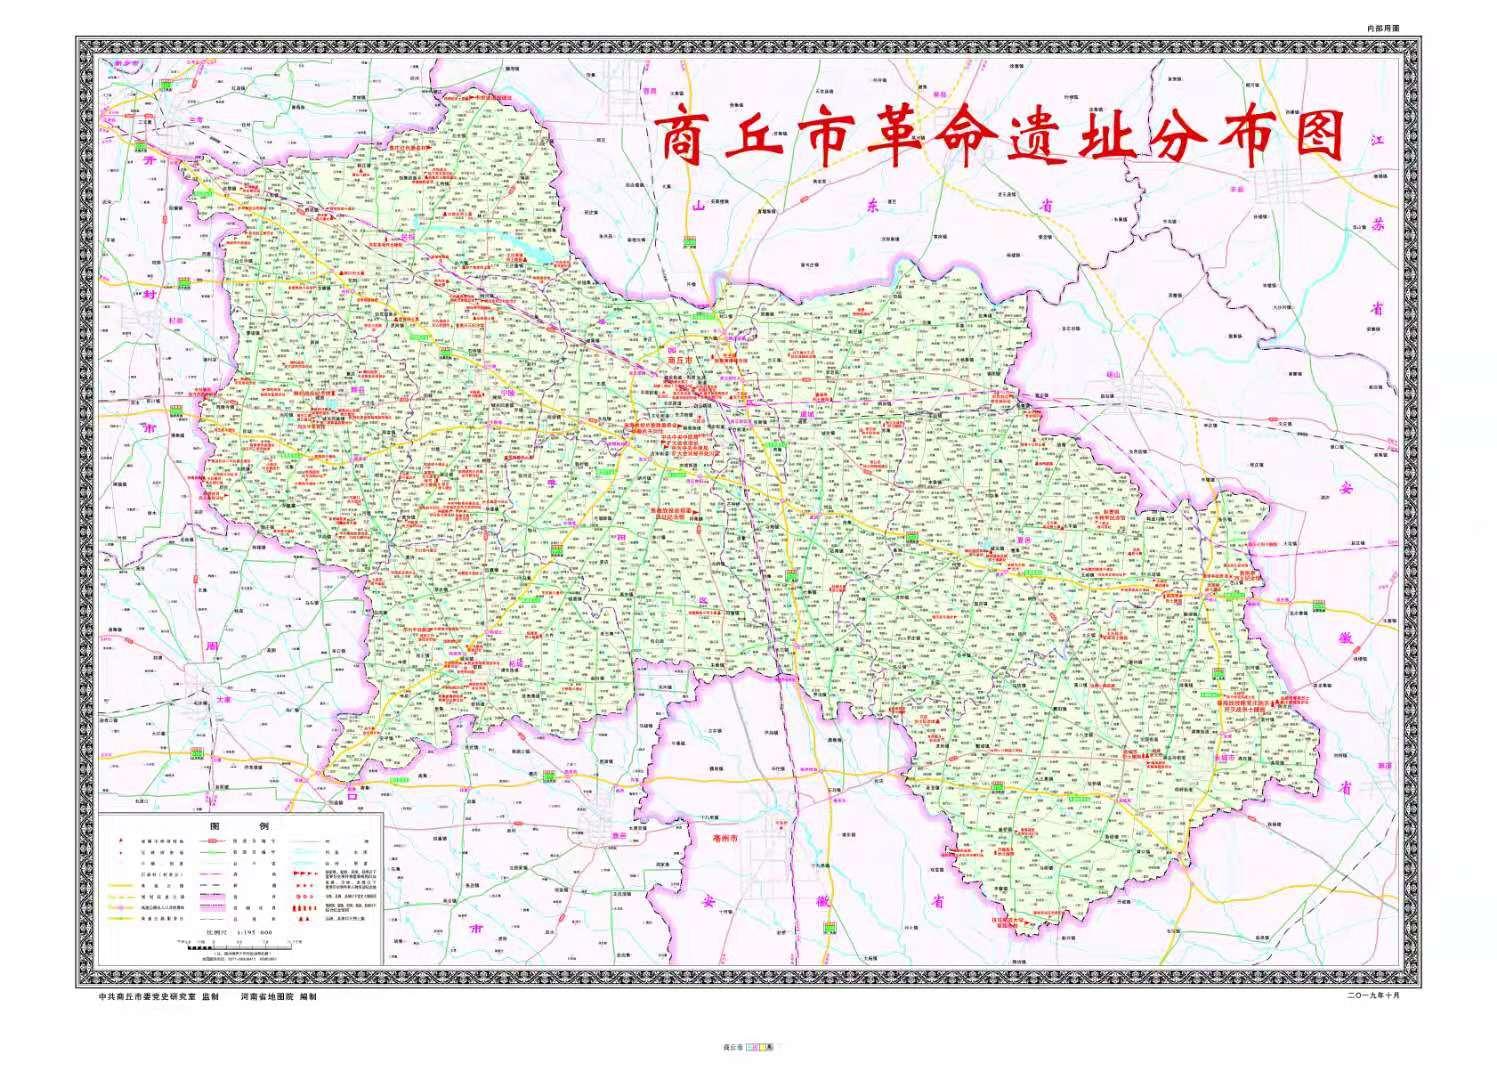 商丘市委党史研究室编制《商丘市革命遗址分布图》